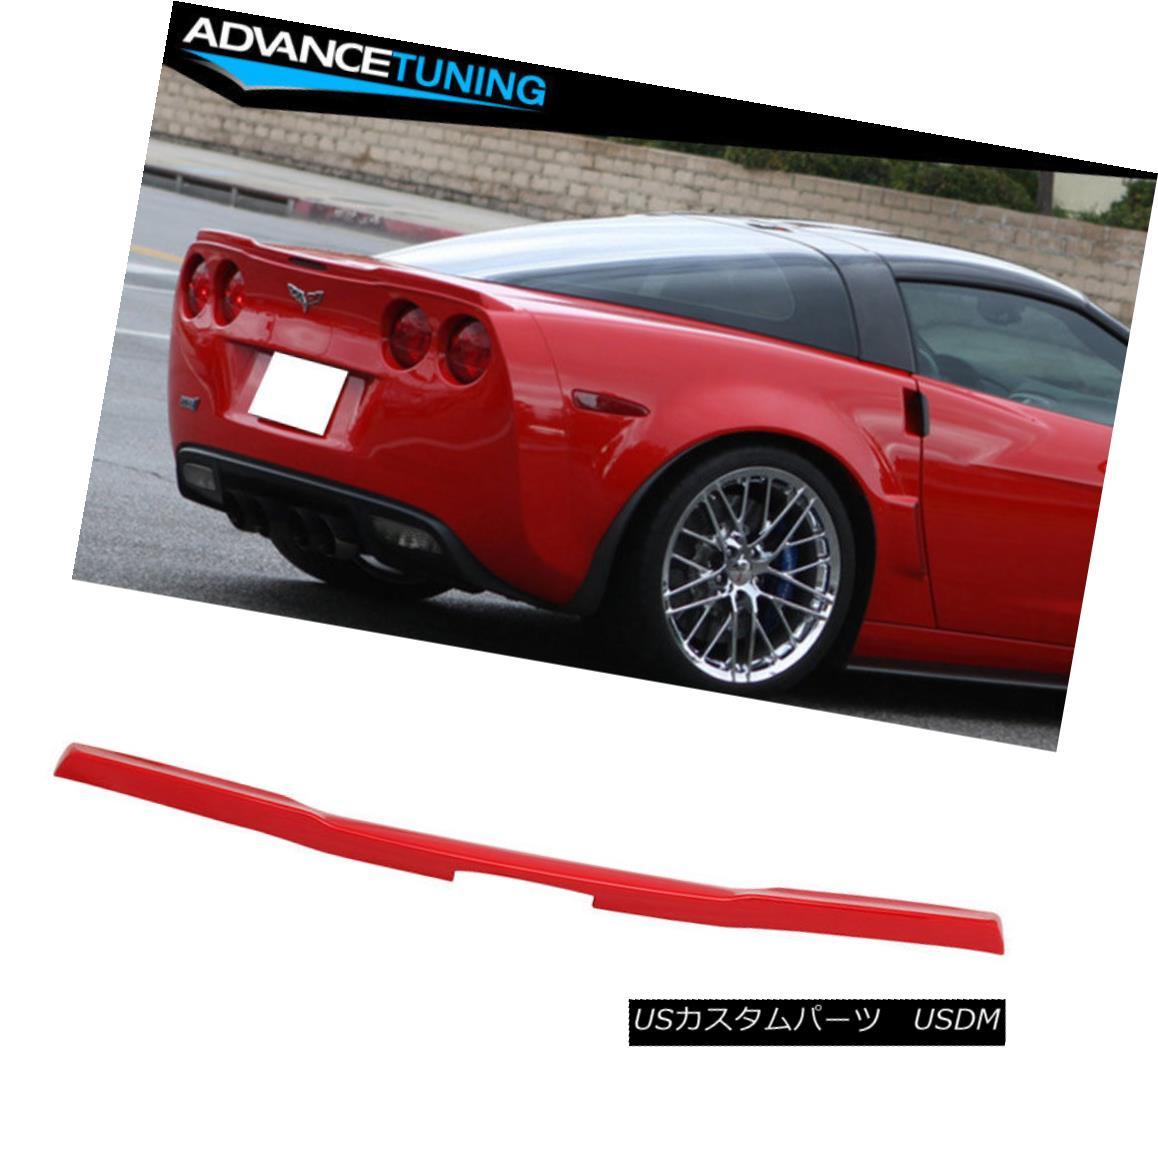 エアロパーツ Fits 05-13 Corvette C6 OE Factory Trunk Spoiler OEM Painted Torch Red #WA9075 適合05-13コルベットC6 OE工場のトランク・スポイラーOEM塗装トーチレッド#WA9075